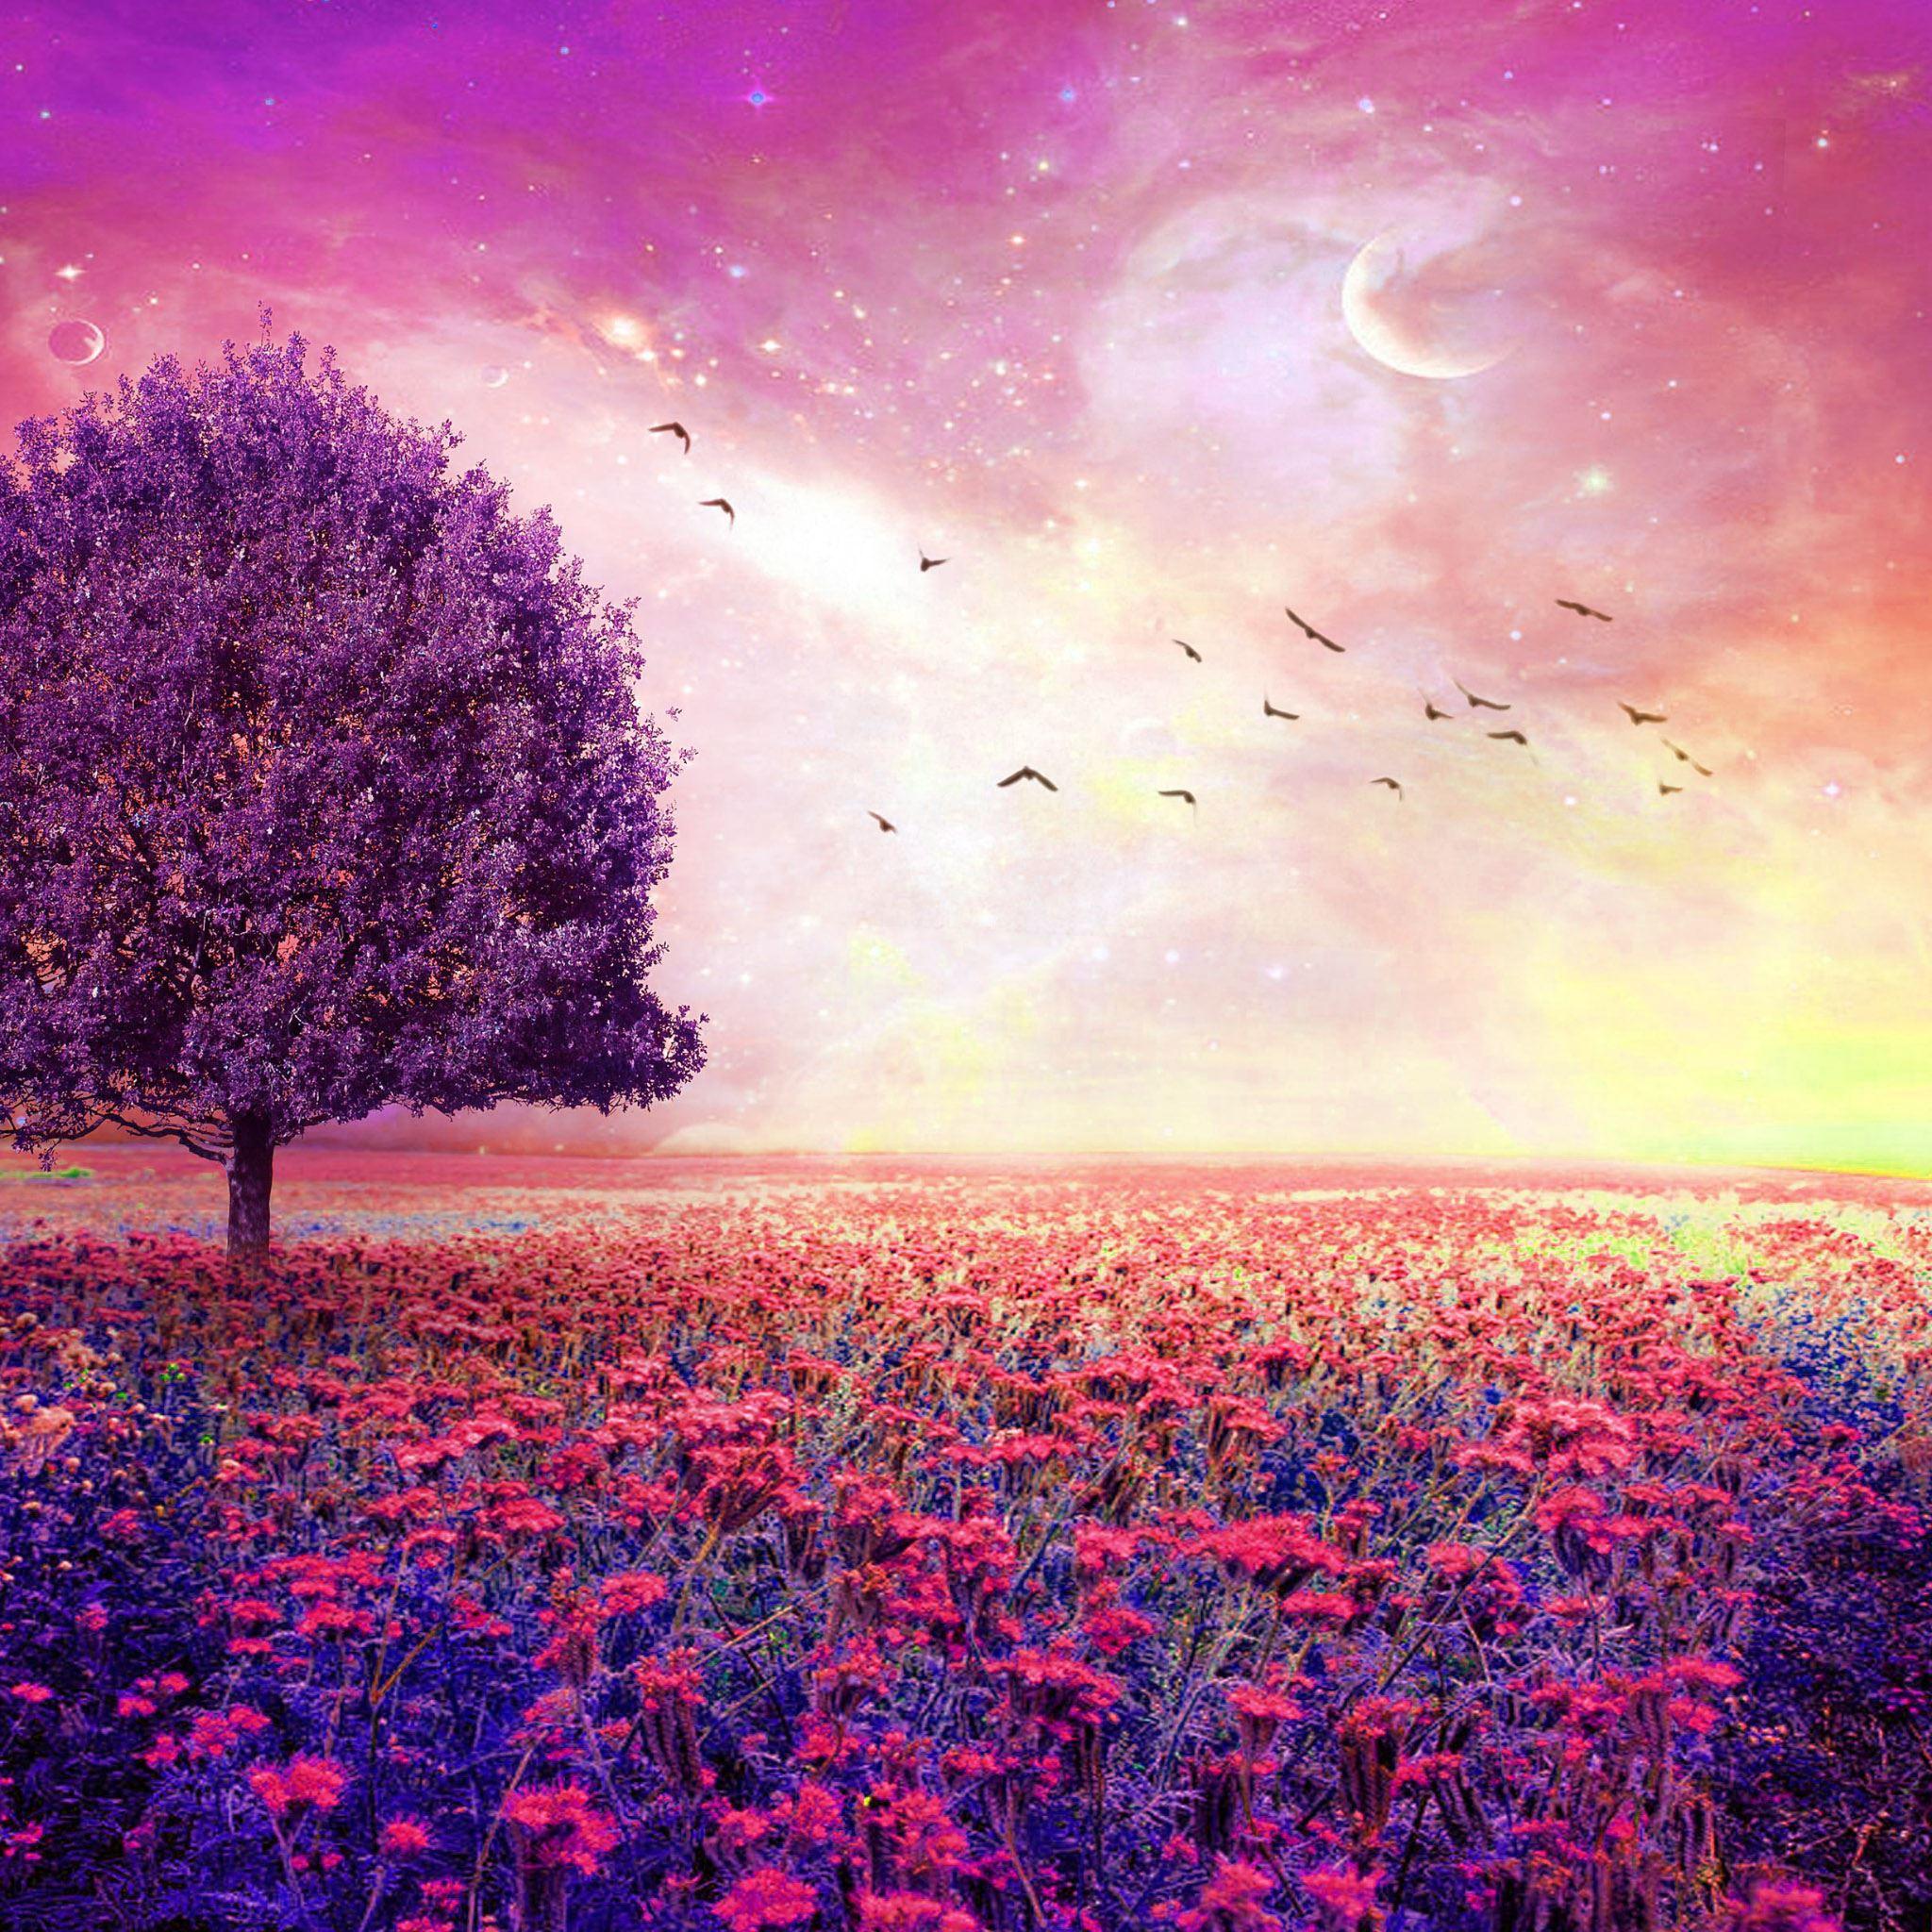 Flower Iphone Wallpaper: Fairy Dreamy Nature Flower Garden IPad Air Wallpaper